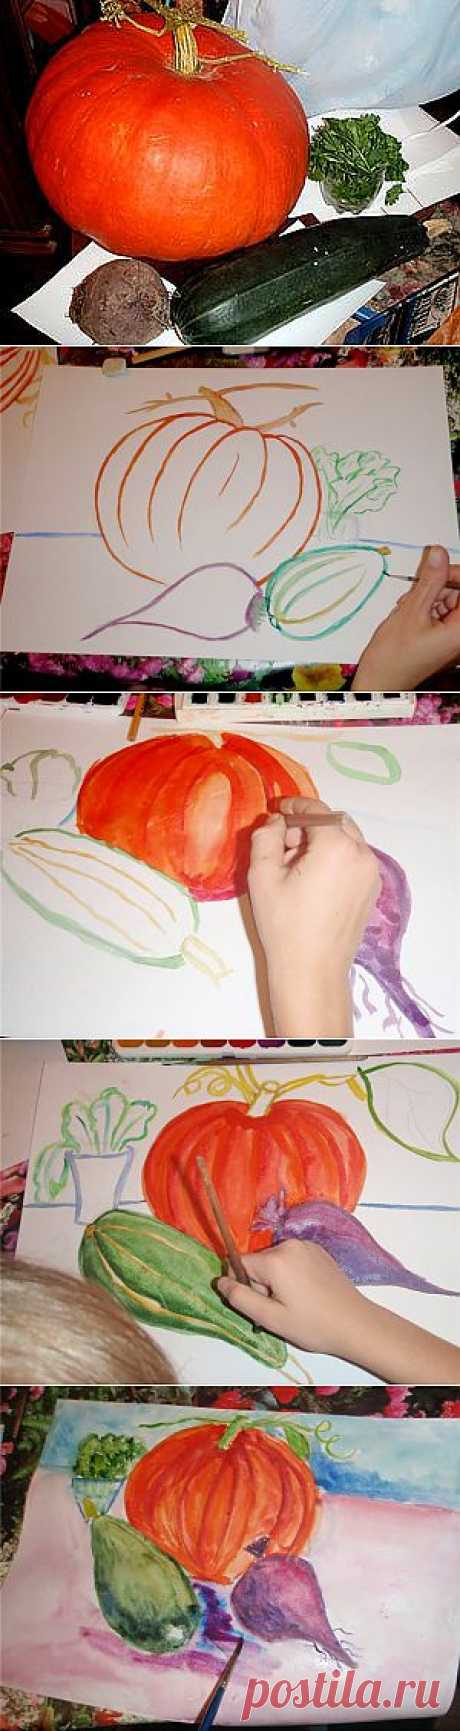 """Изображаем с детьми """"Осенний натюрморт"""" - Ярмарка Мастеров - ручная работа, handmade"""